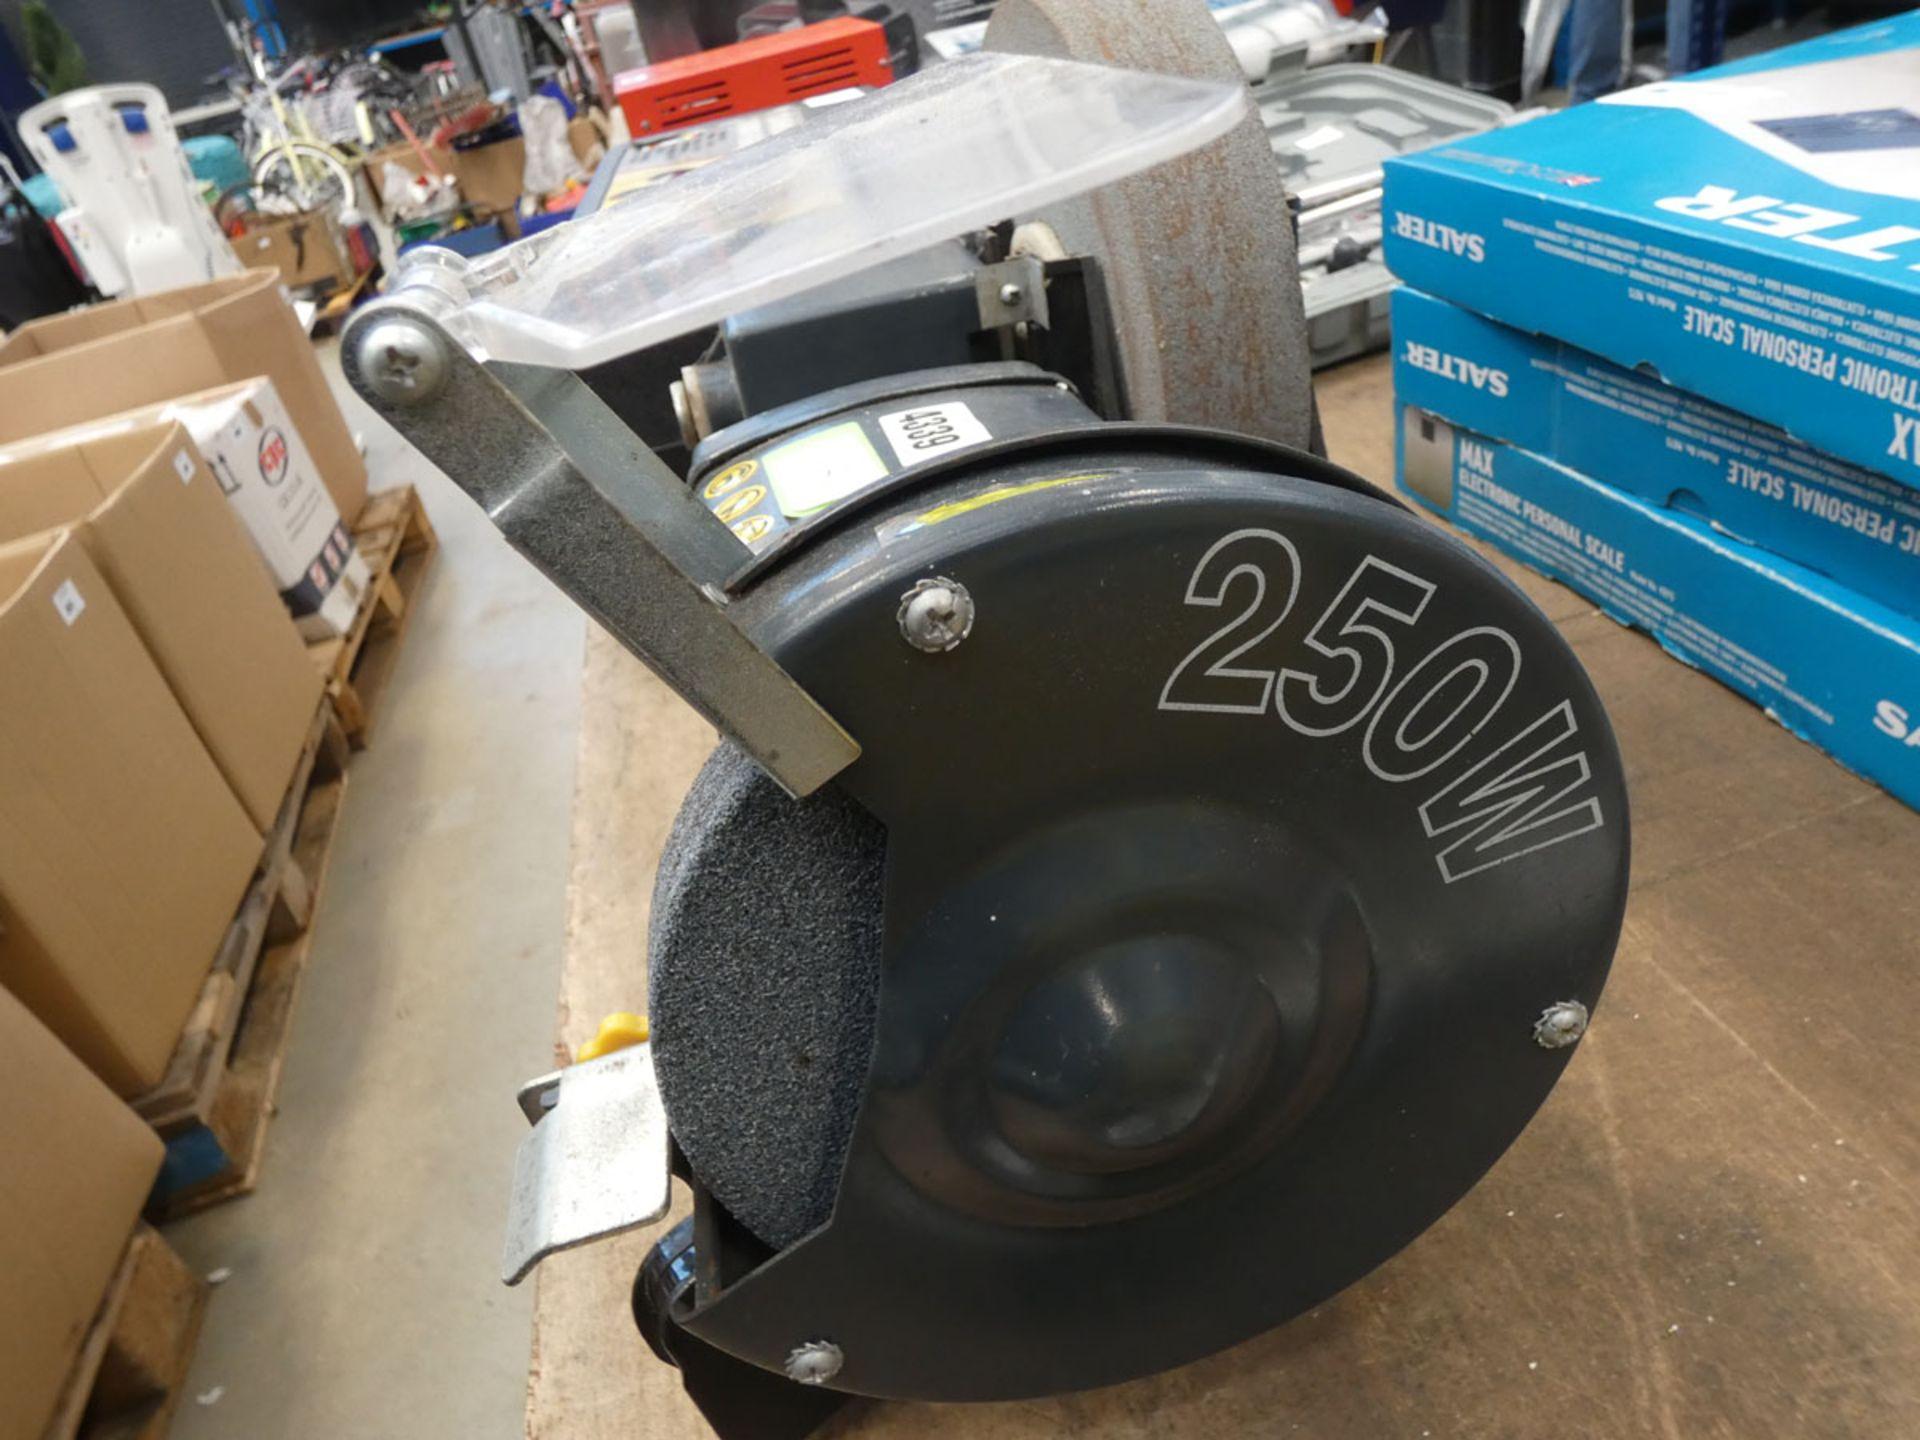 Newtool bench grinder and wet grinder - Image 3 of 4